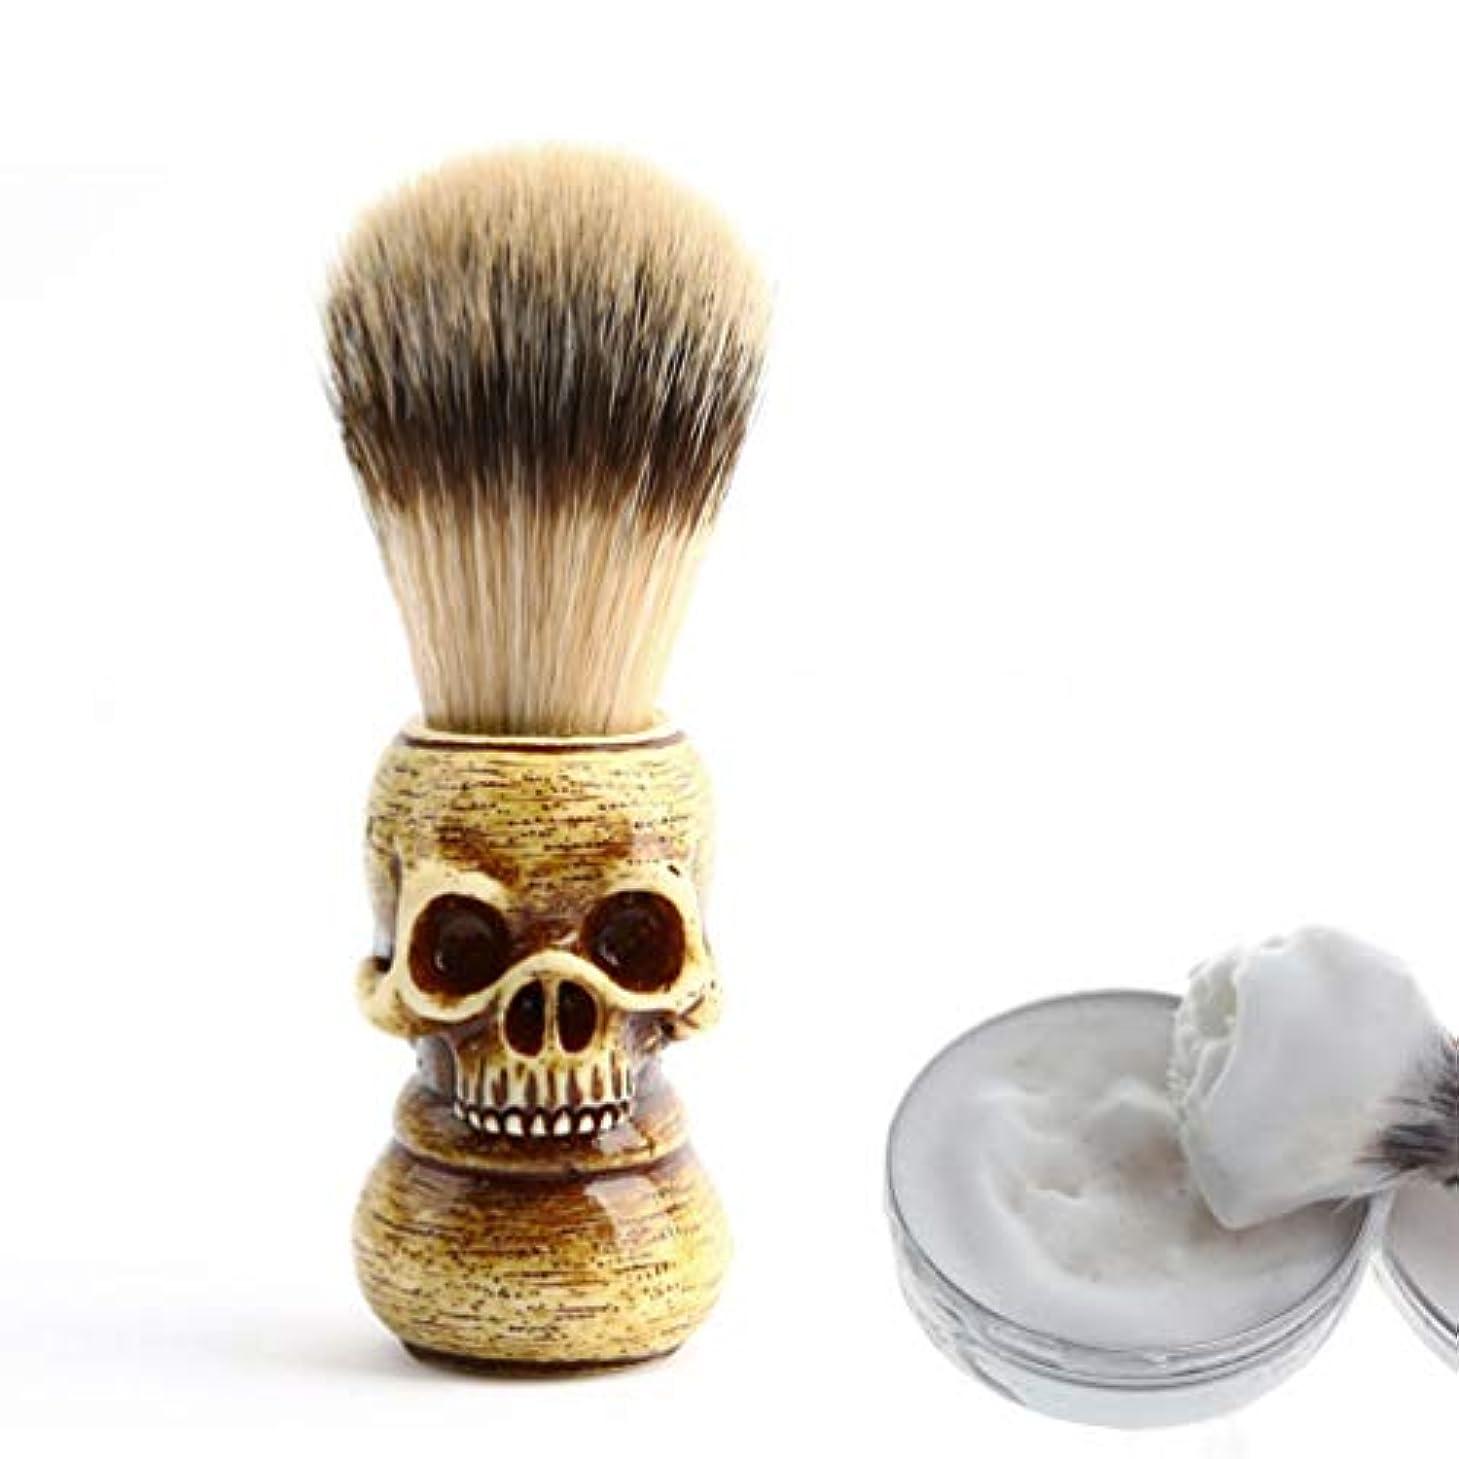 コンセンサス休暇聴衆Vosarea 1ピーススカルヘッドひげブラシポータブルメンズ軽量アナグマヘアブラシ口ひげ毛剃りブラシグルーミングツール